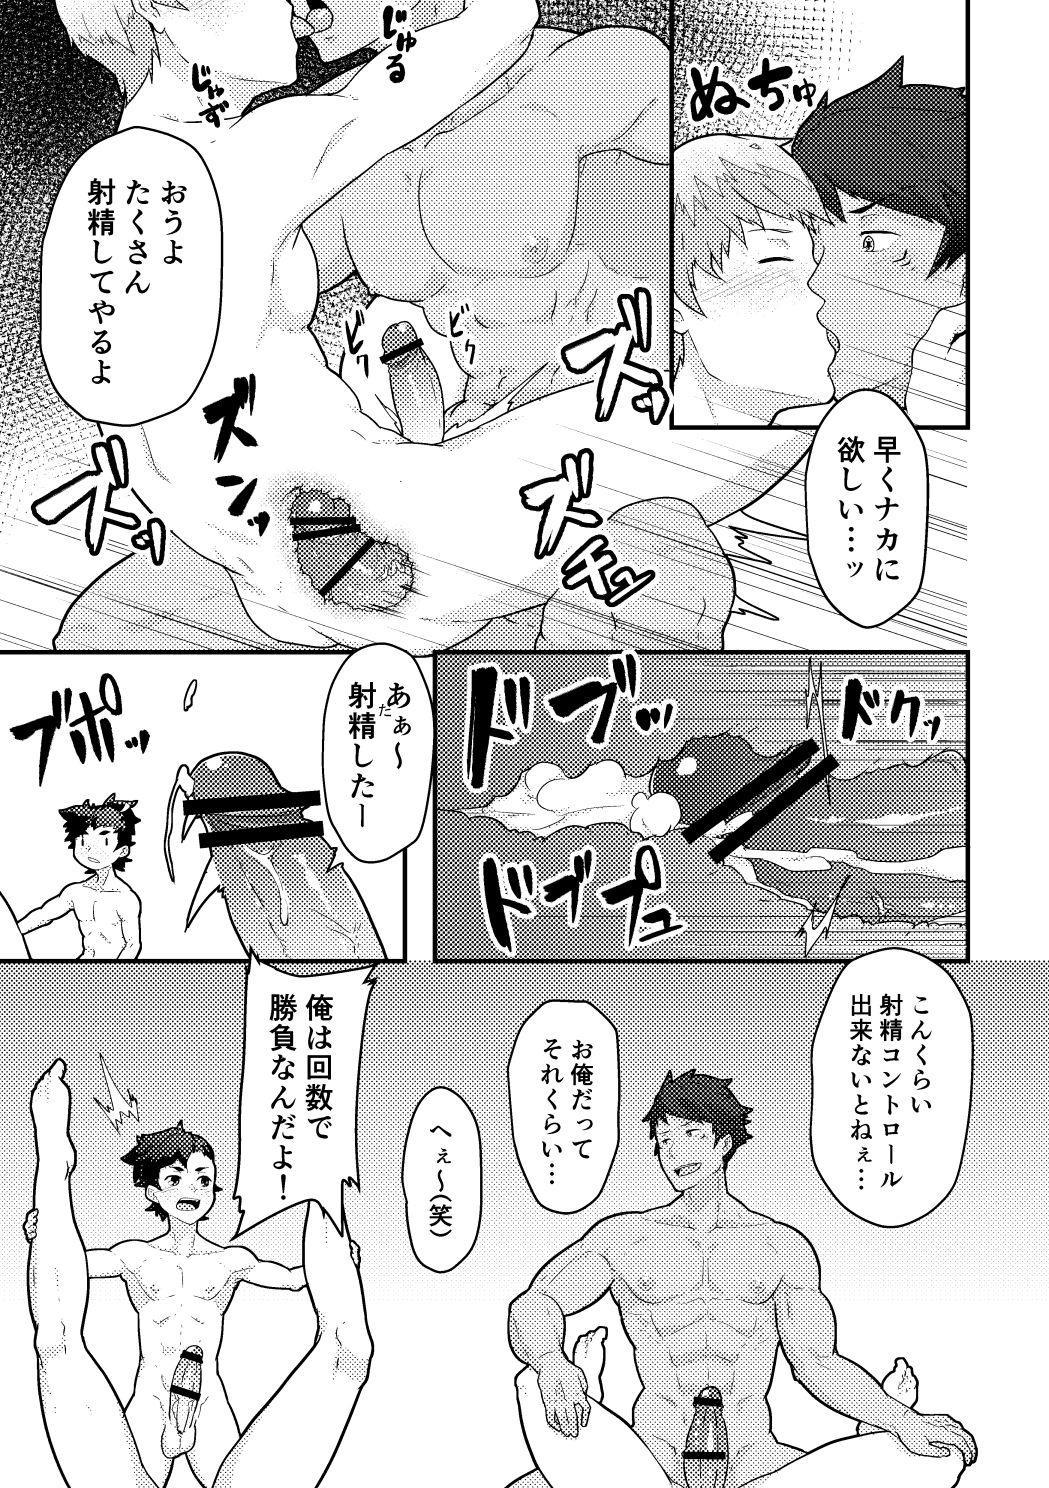 Urashimatarou 18